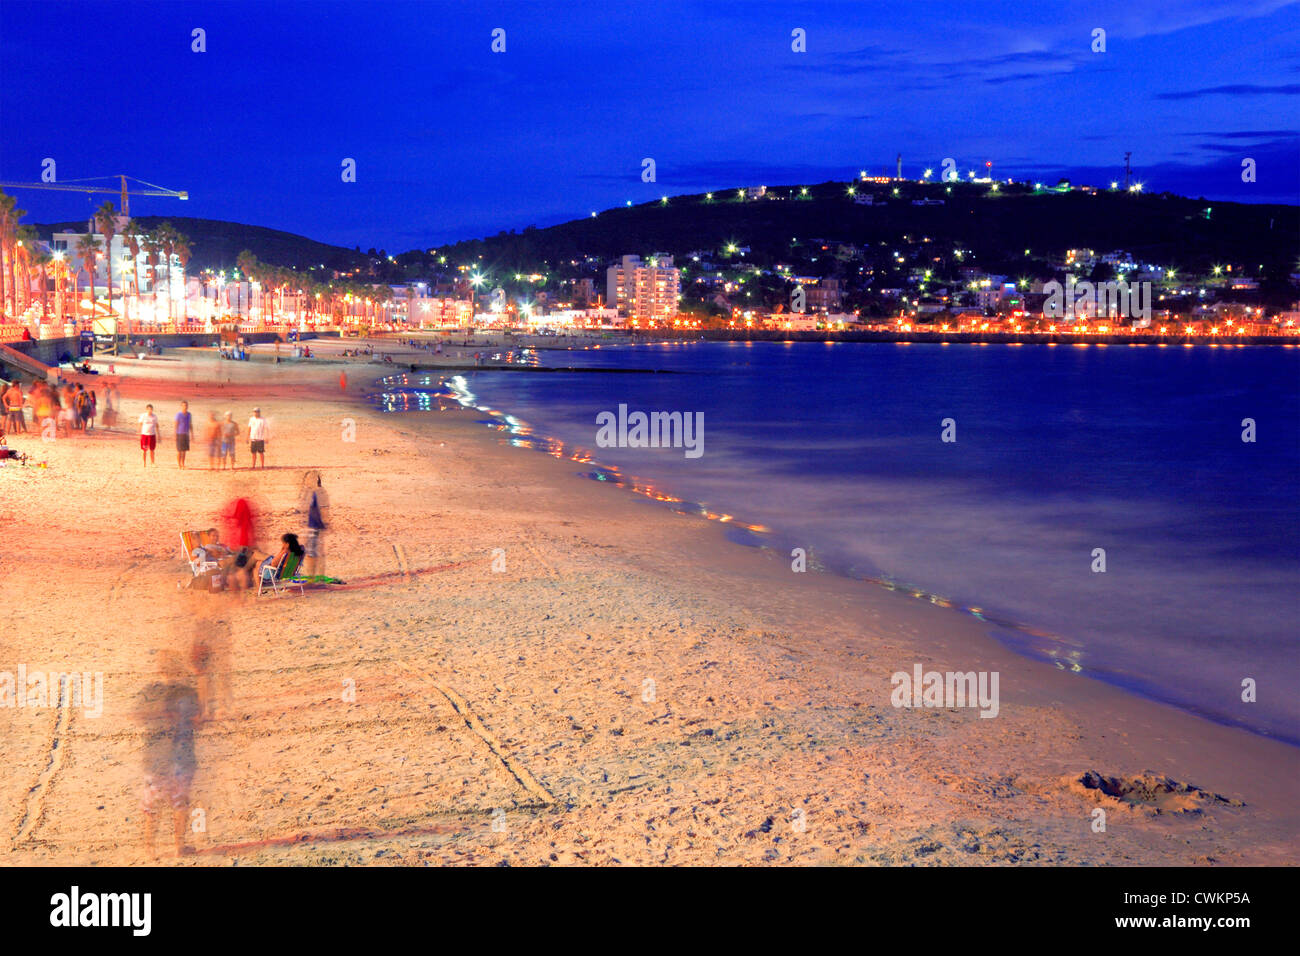 Piriápolis puerto y playa al atardecer o crepúsculo. Maldonado, Uruguay. Imagen De Stock